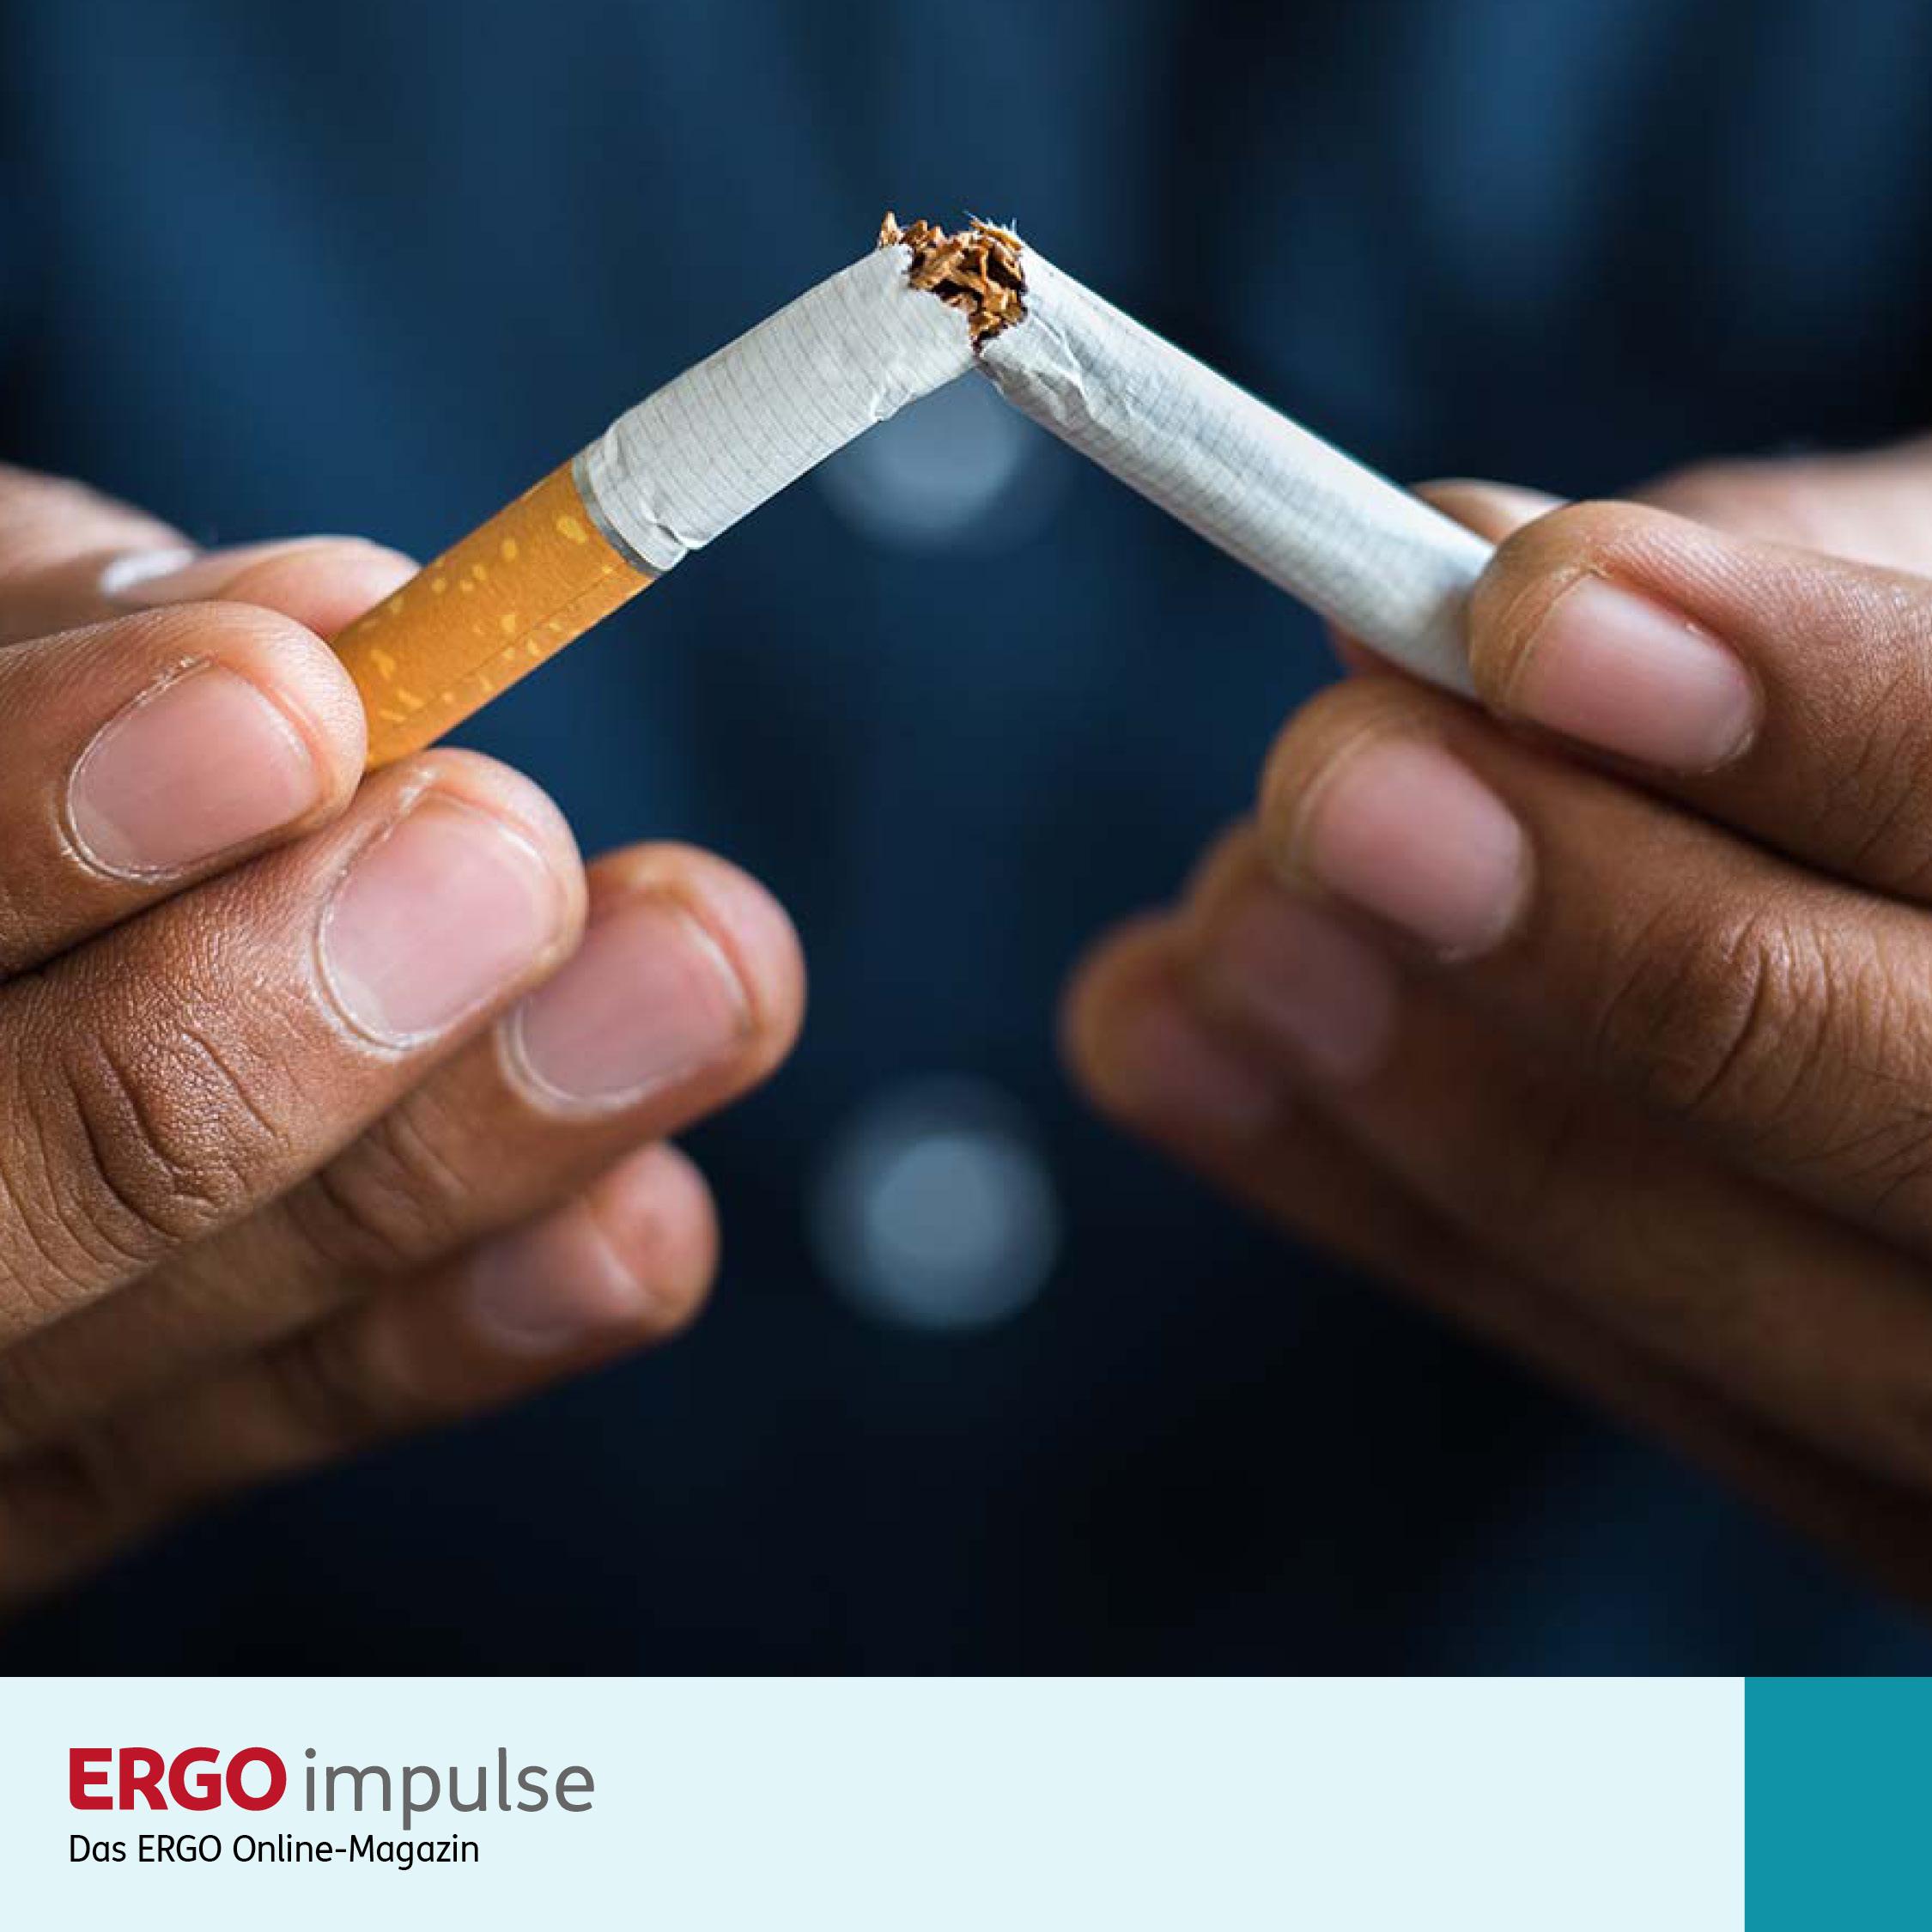 Effekte nach dem rauchen aufhoren